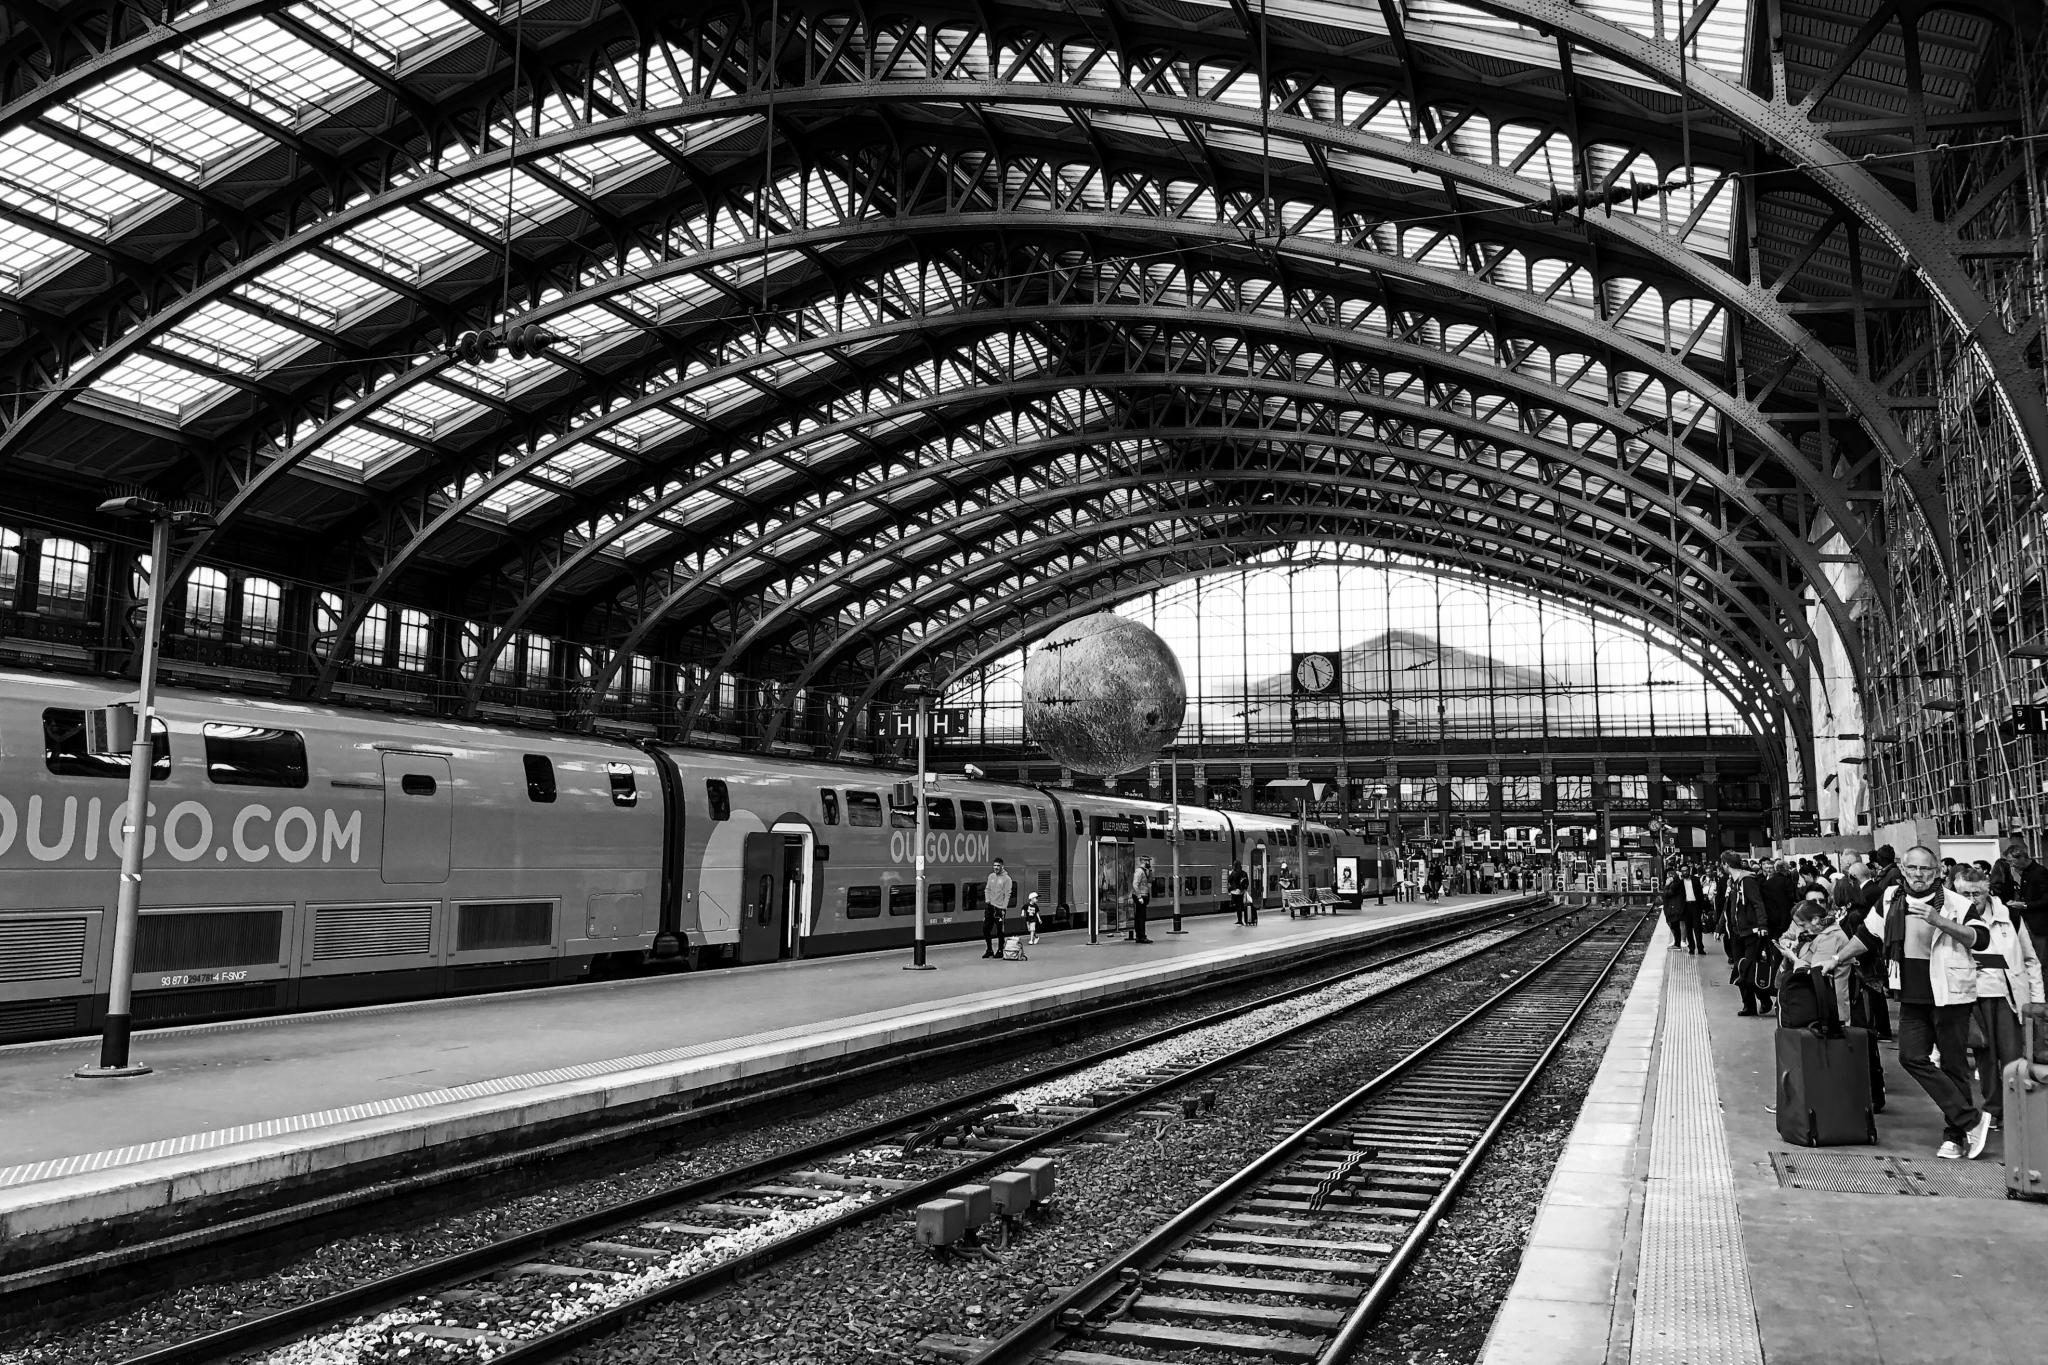 RONDIO-Gilles-Expo-2019-Projection-2-Voyage-de-gare-en-gare